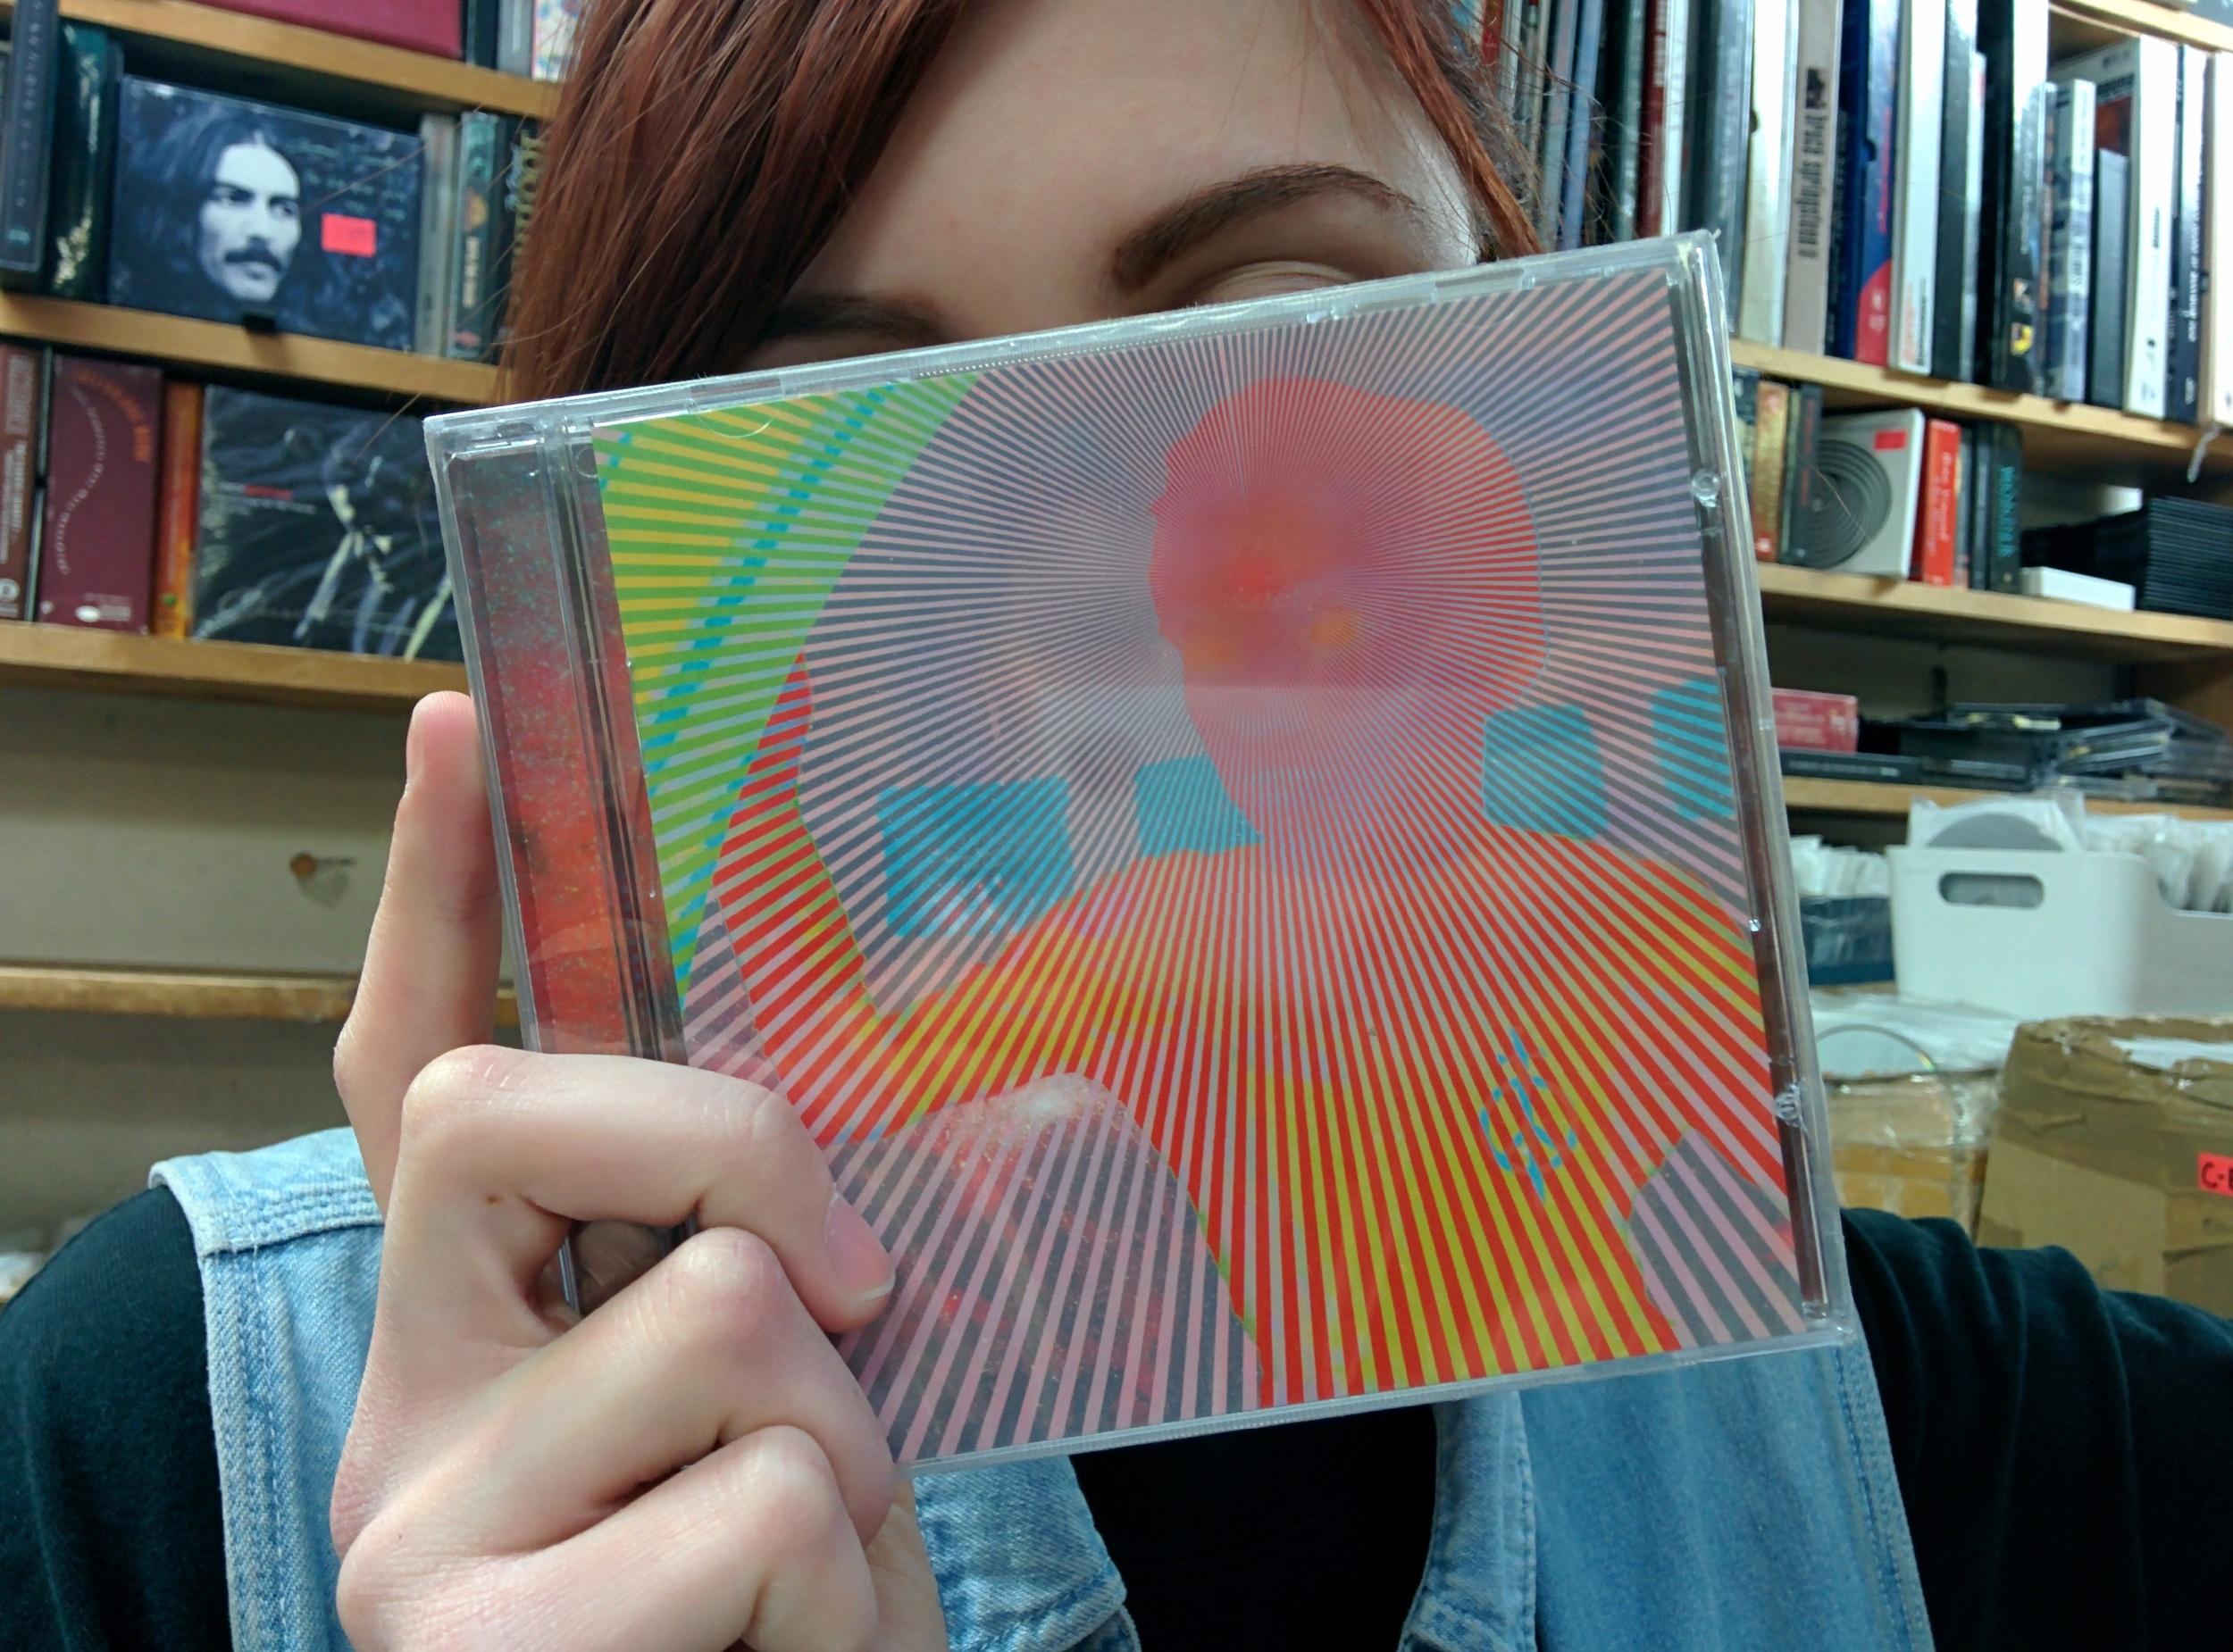 Flaming Lips CD - $10.99